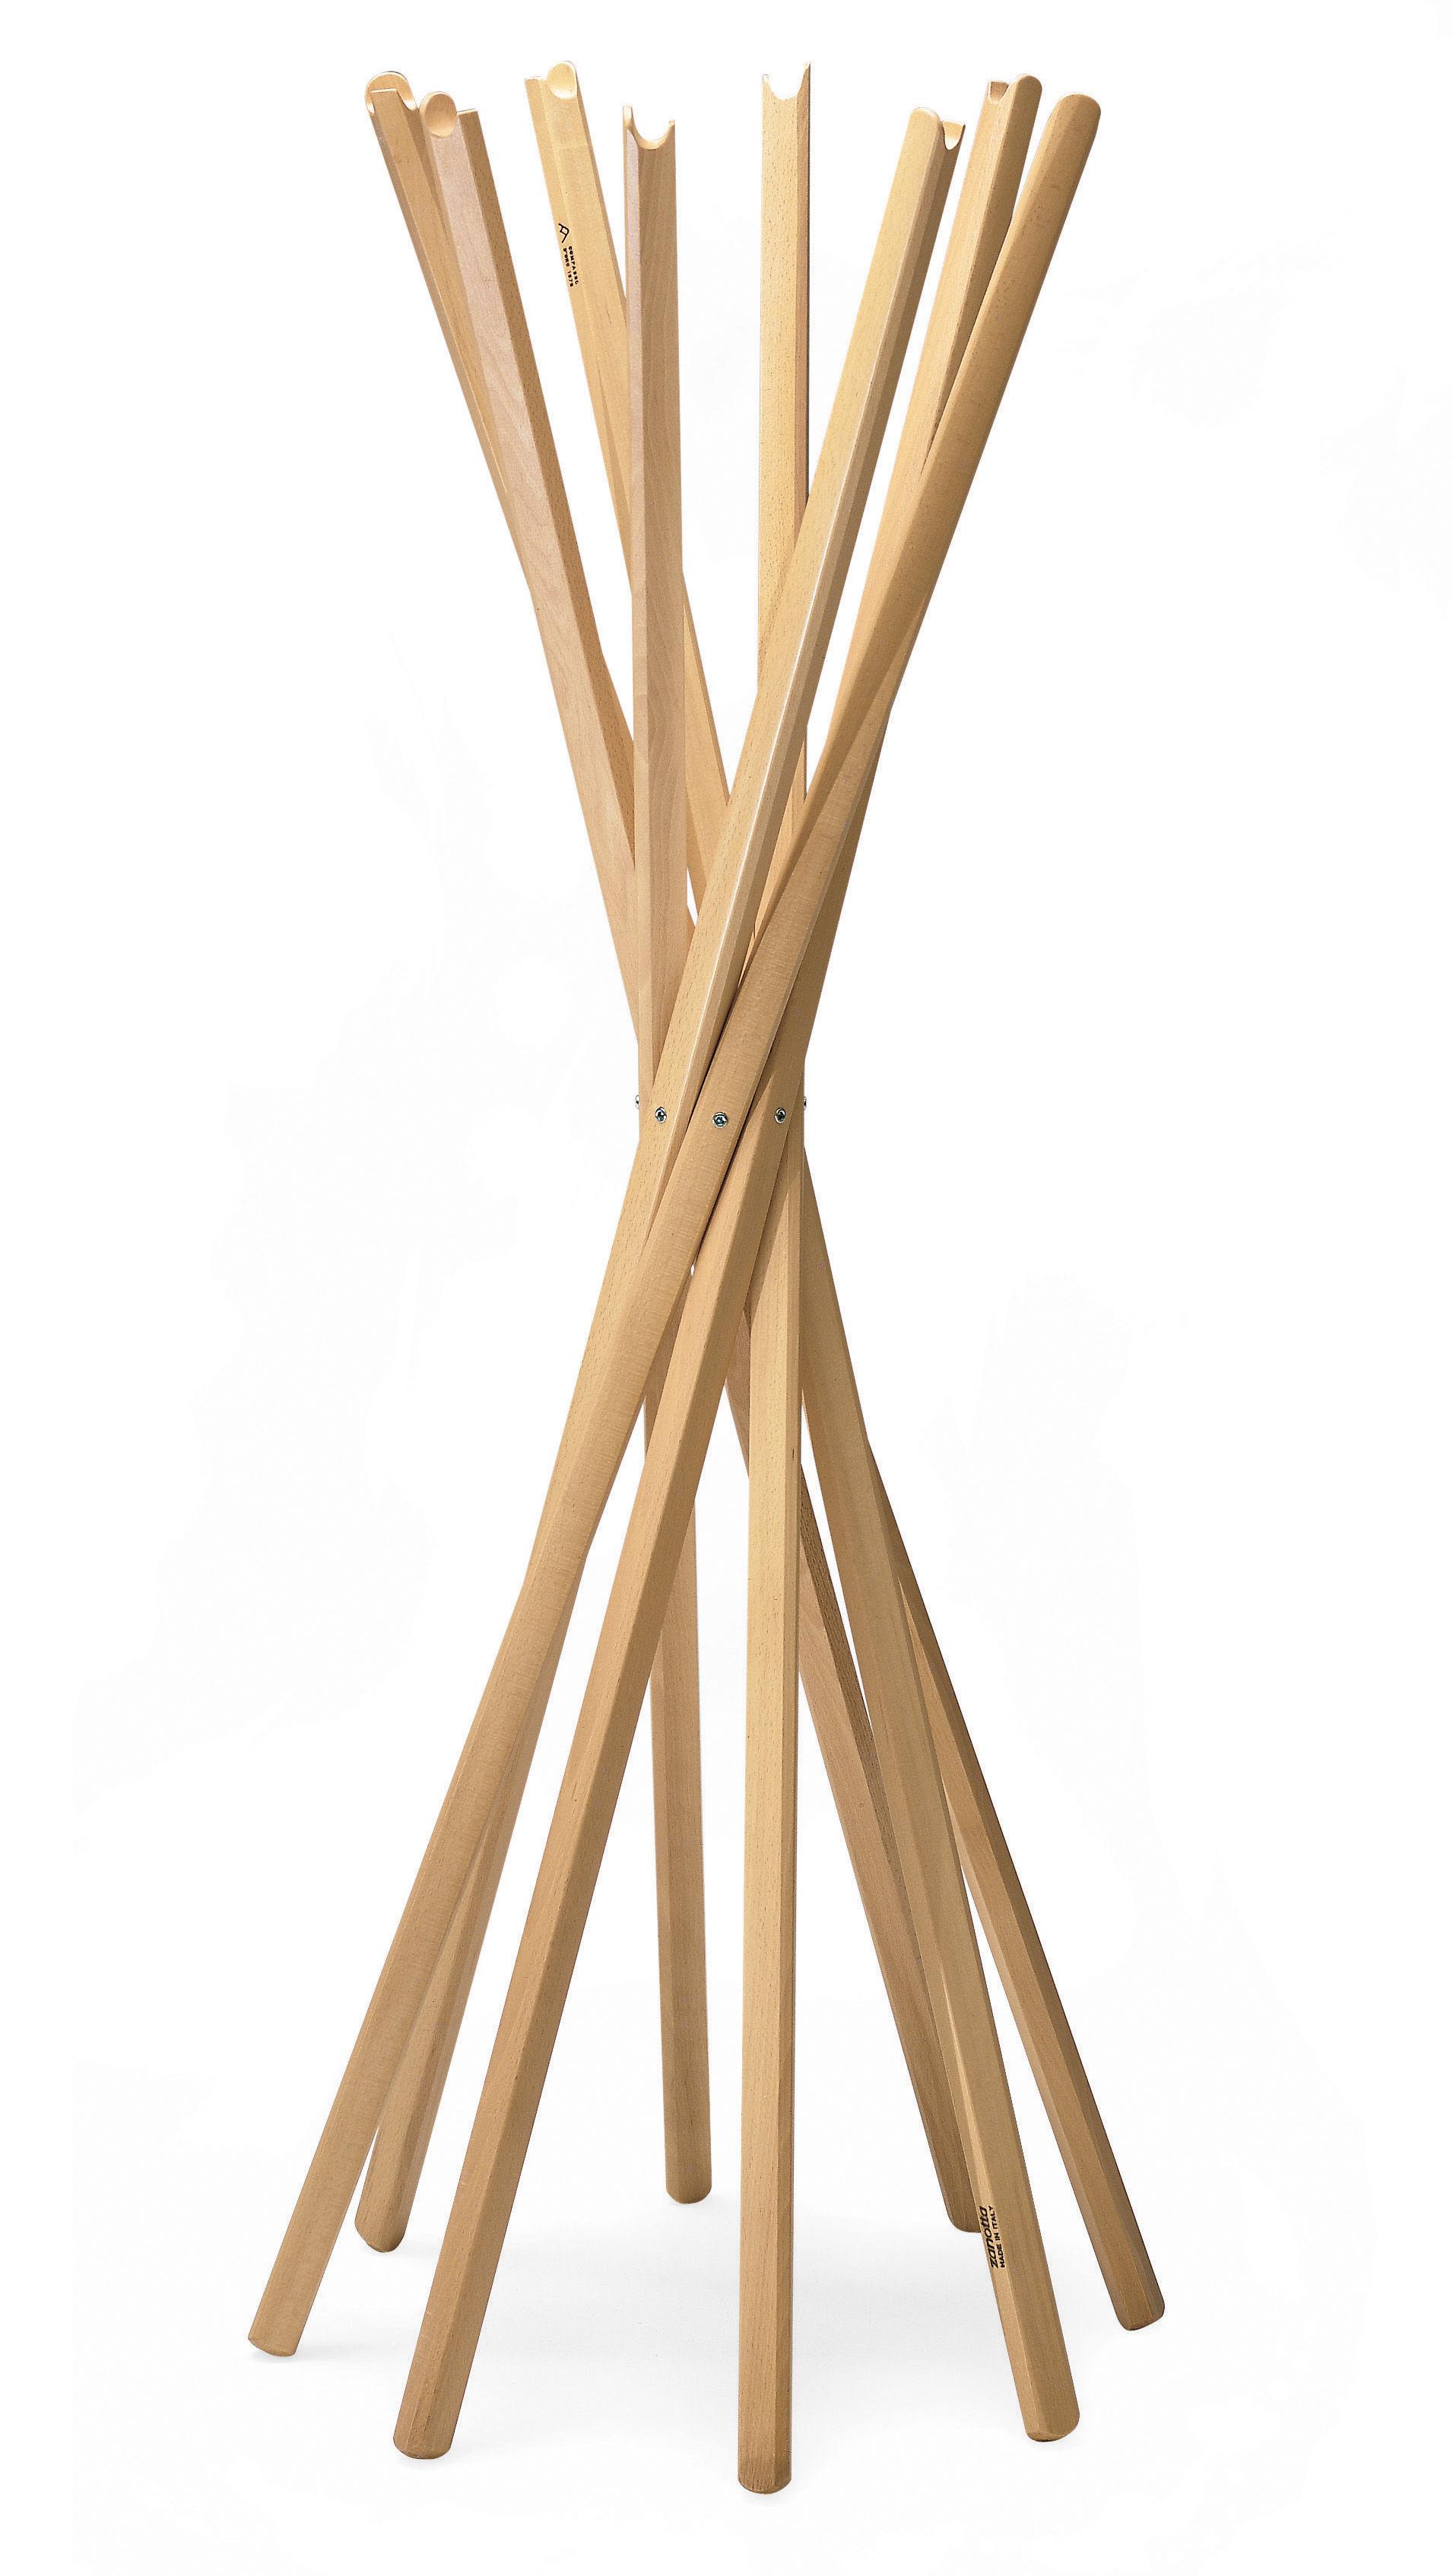 Arredamento - Appendiabiti  - Appendiabiti Sciangai di Zanotta - Faggio color naturale - Faggio verniciato